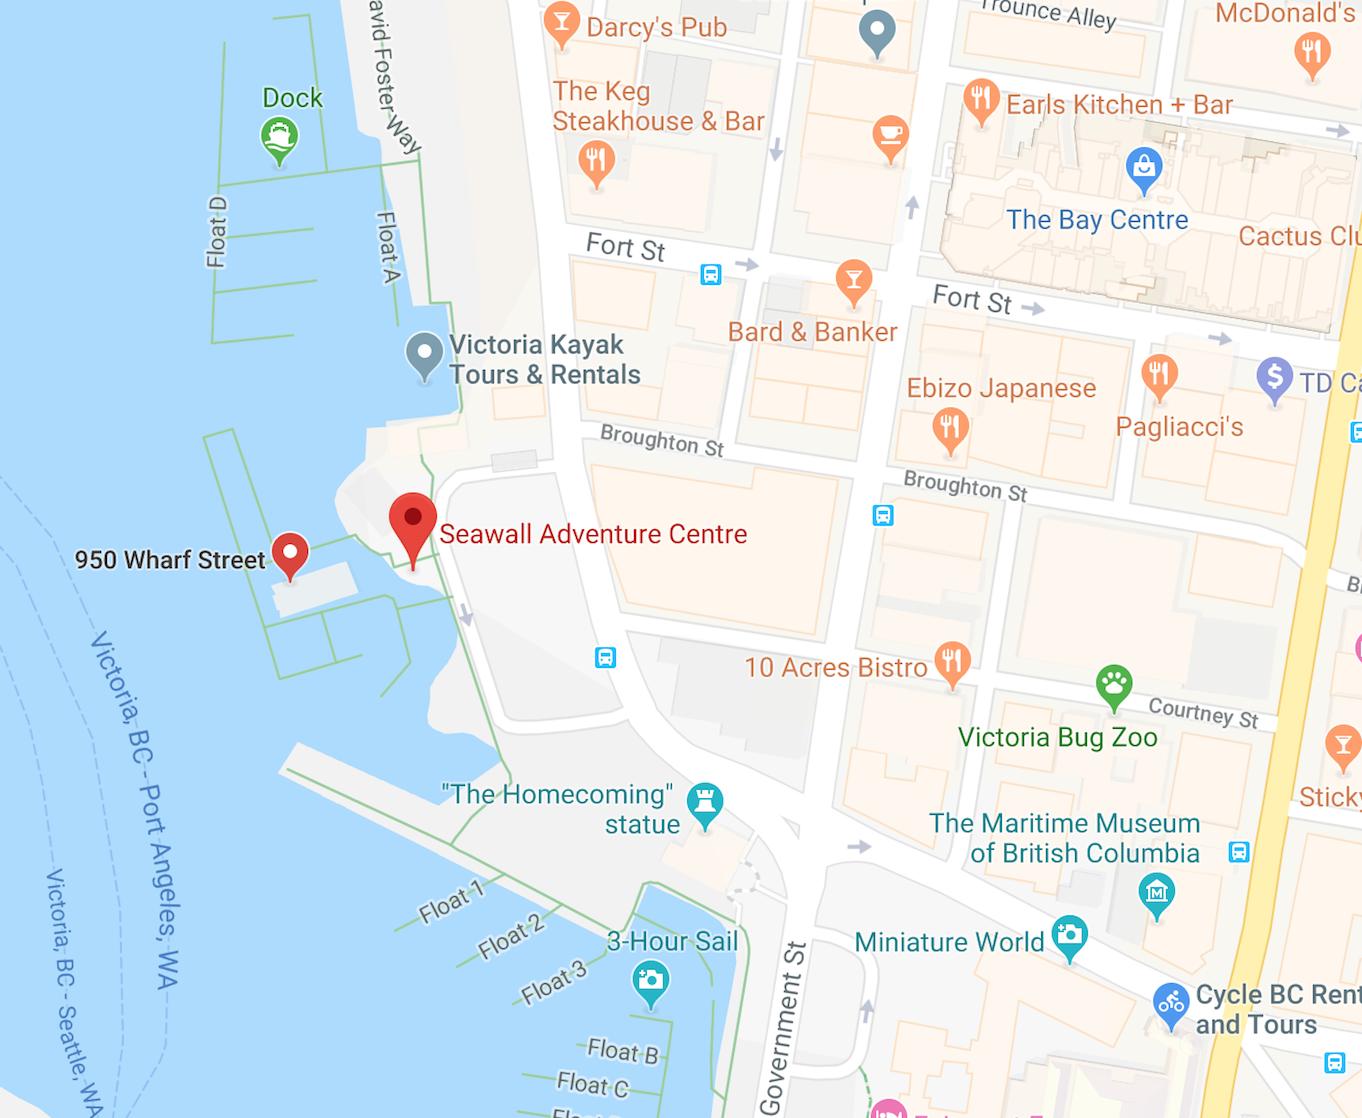 Seawall Adventure Centre Victoria location